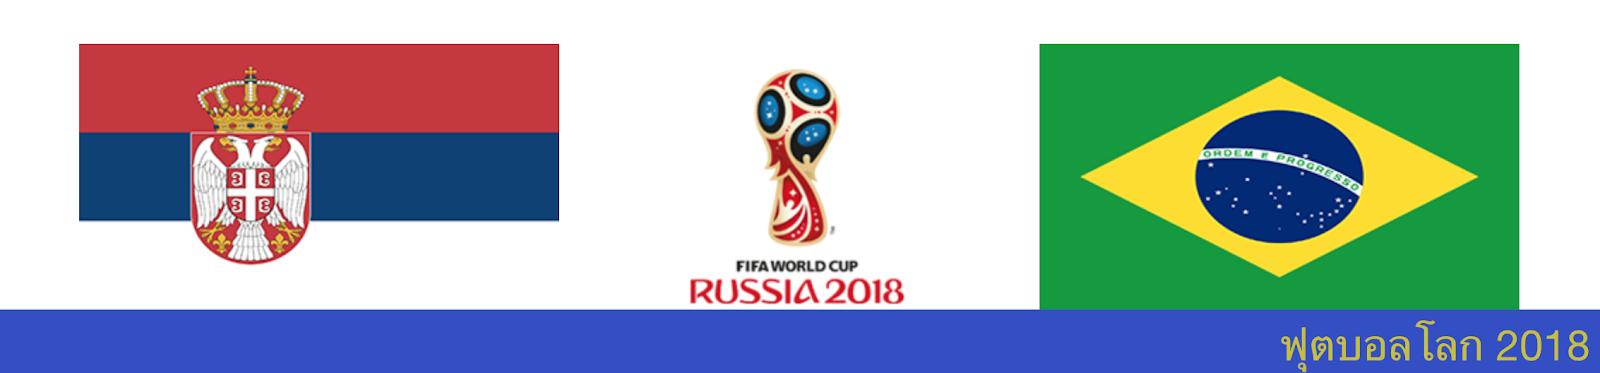 ผลบอล วิเคราะห์บอล ฟุตบอลโลก ระหว่าง เซอร์เบีย vs บราซิล